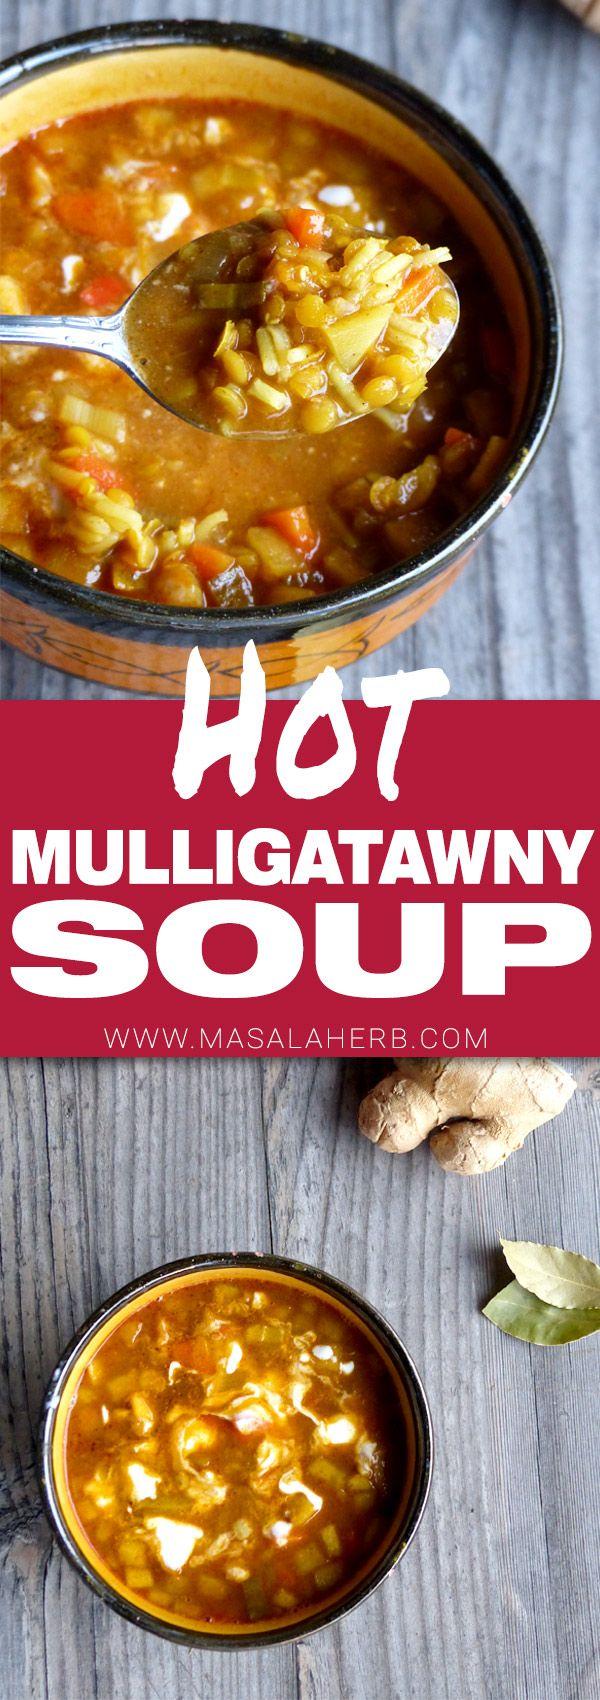 Mulligatawny Soup - How to make Mulligatawny Soup www.MasalaHerb.com #soup #spiced #masalaherb #mulligatawnysoup